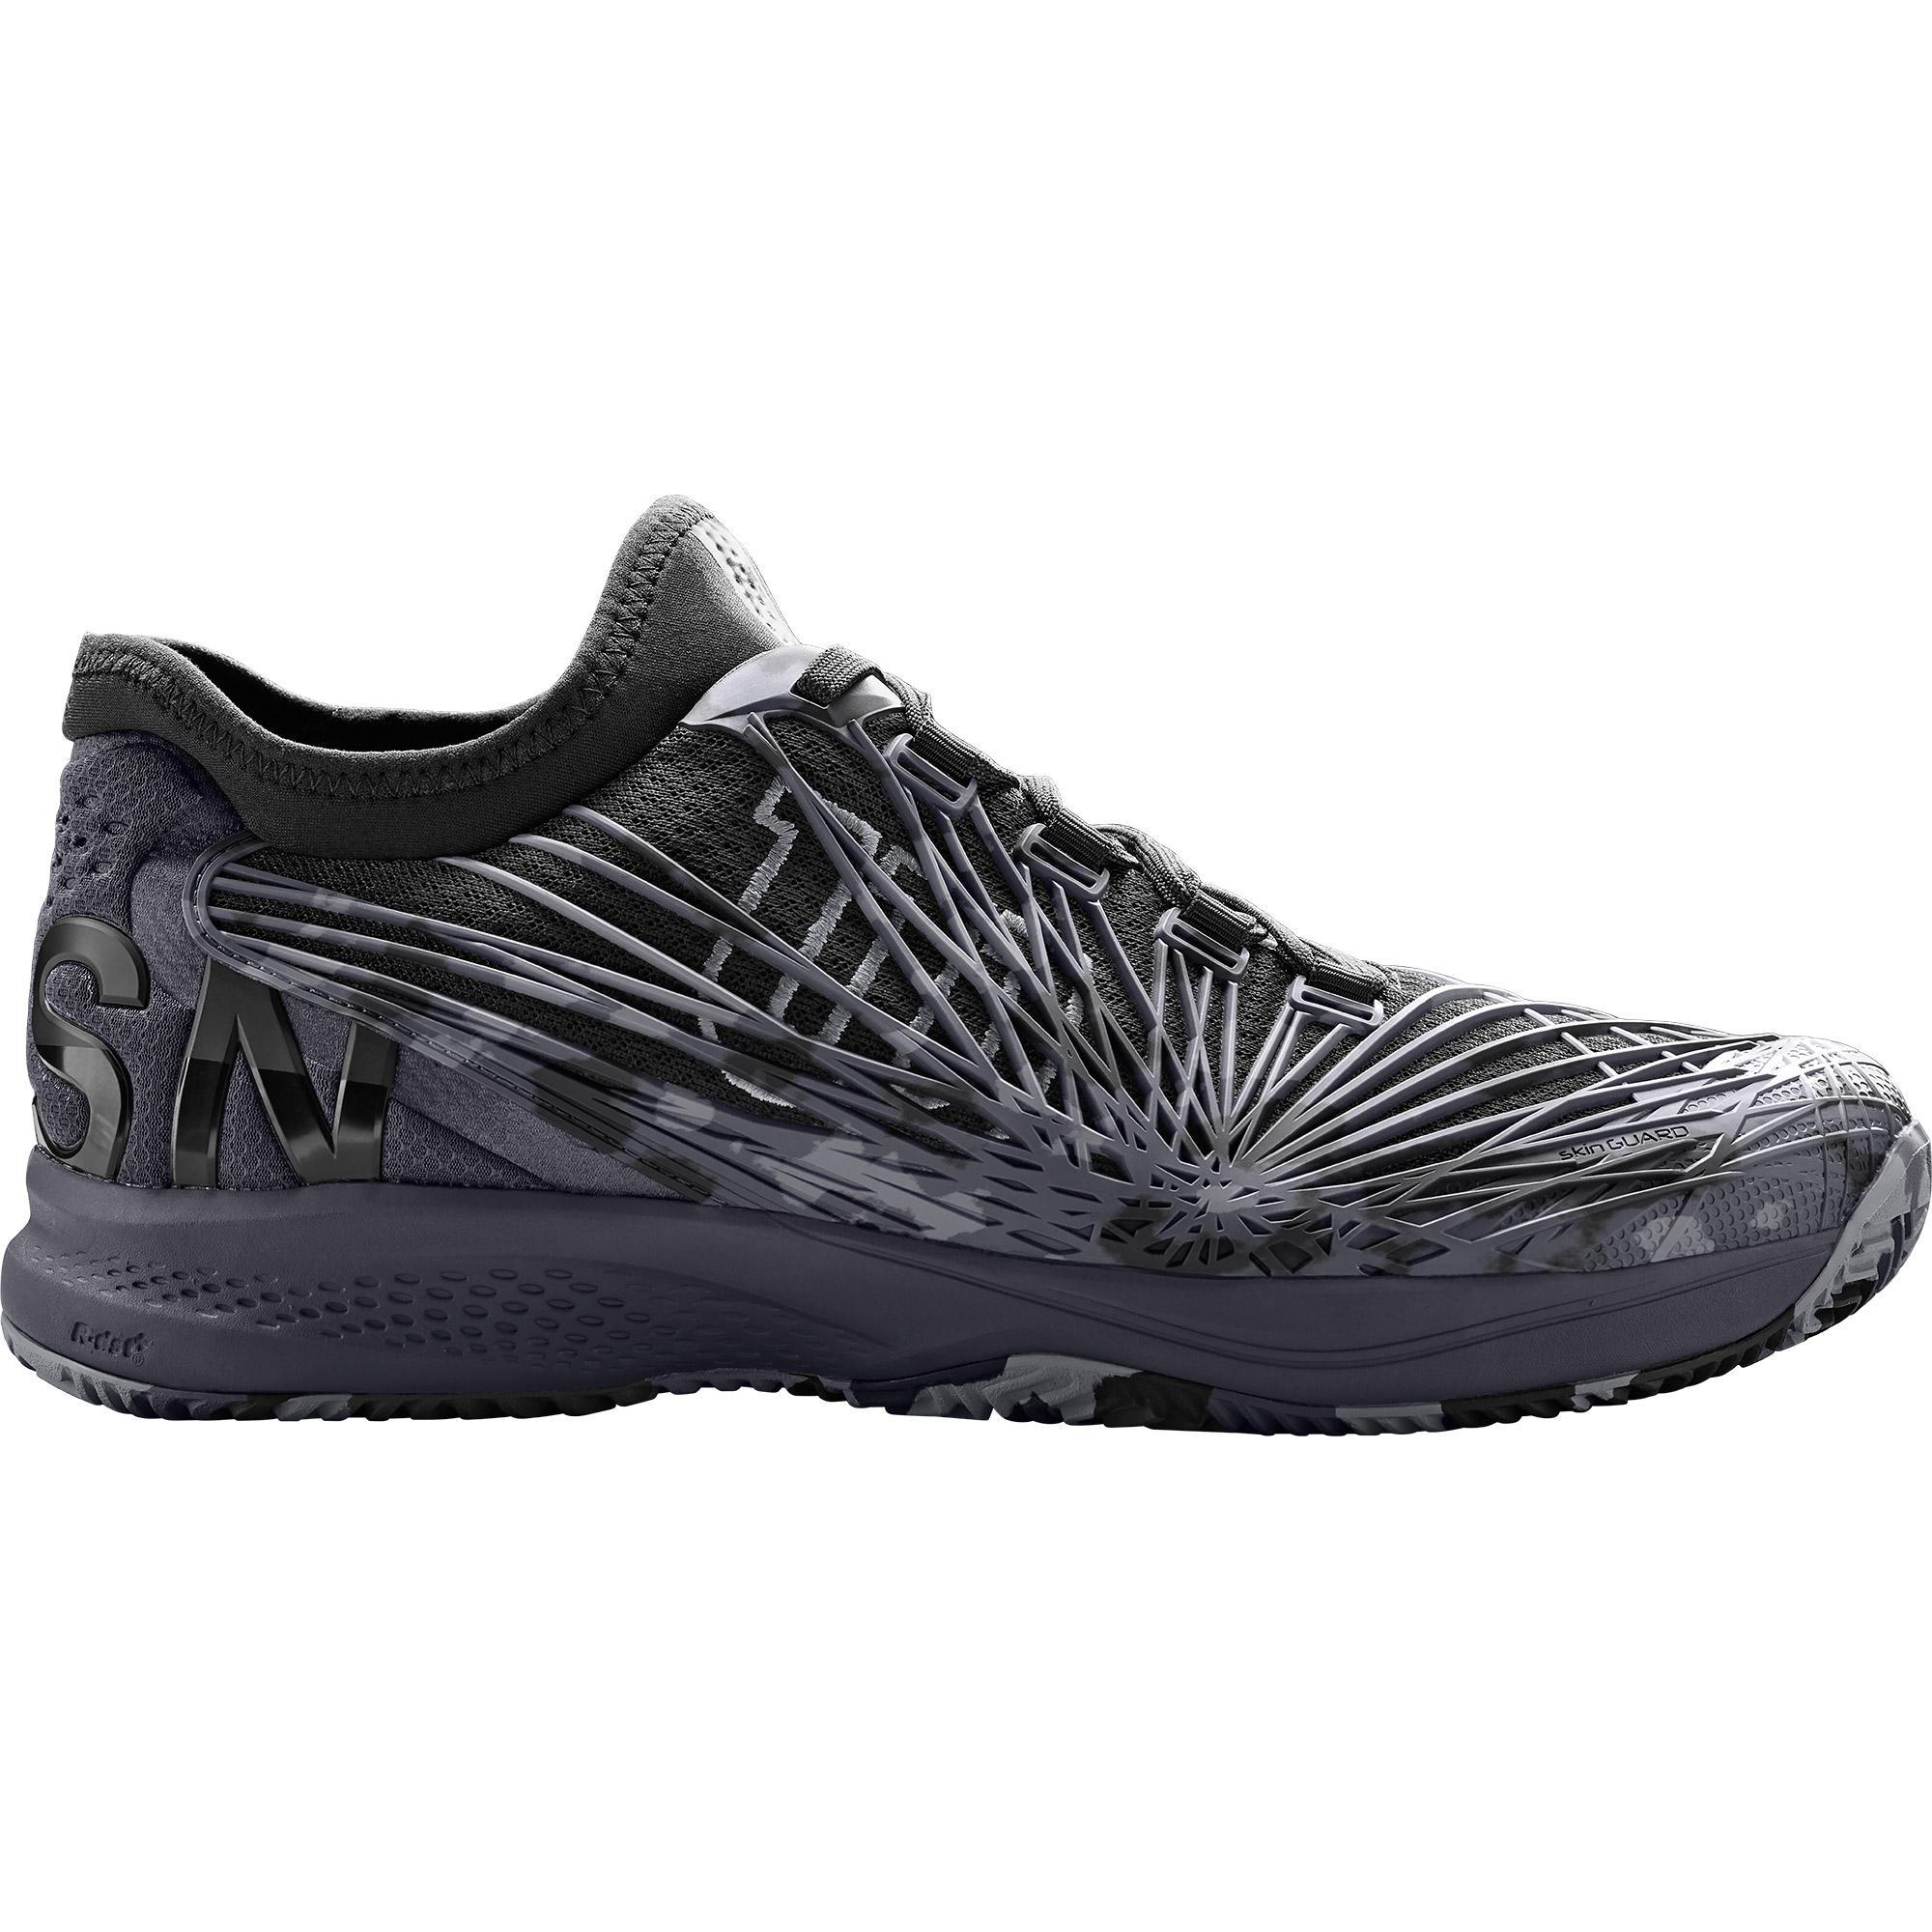 1ab01e413e47 Wilson Mens Kaos 2.0 Tennis Shoes - Camo Black - Tennisnuts.com